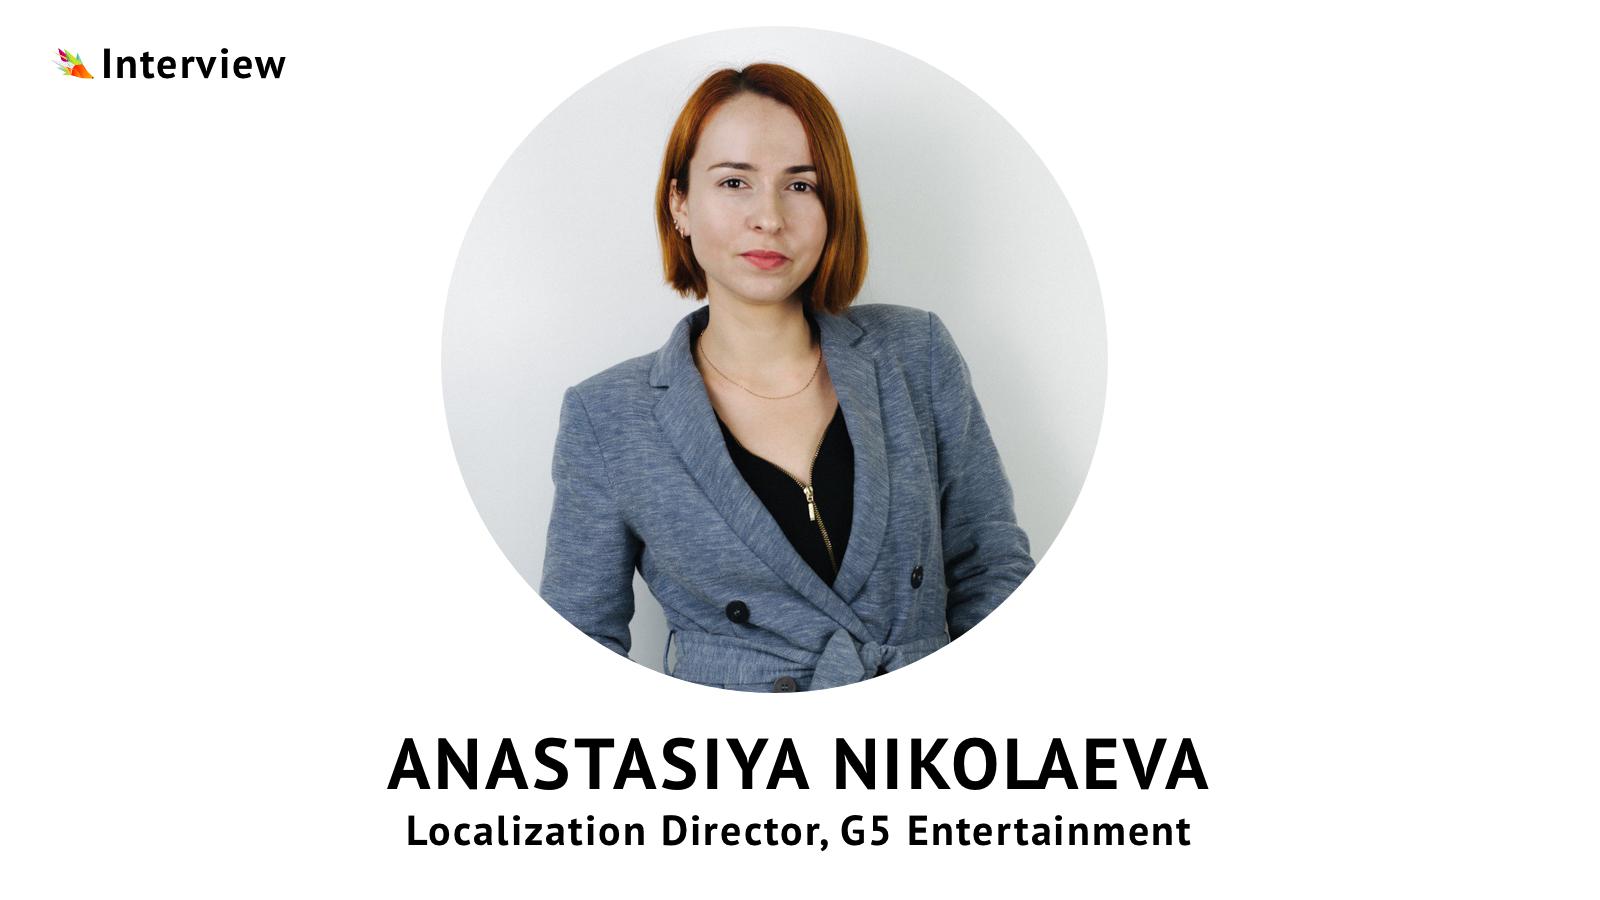 Anastasiya nikolaeva en